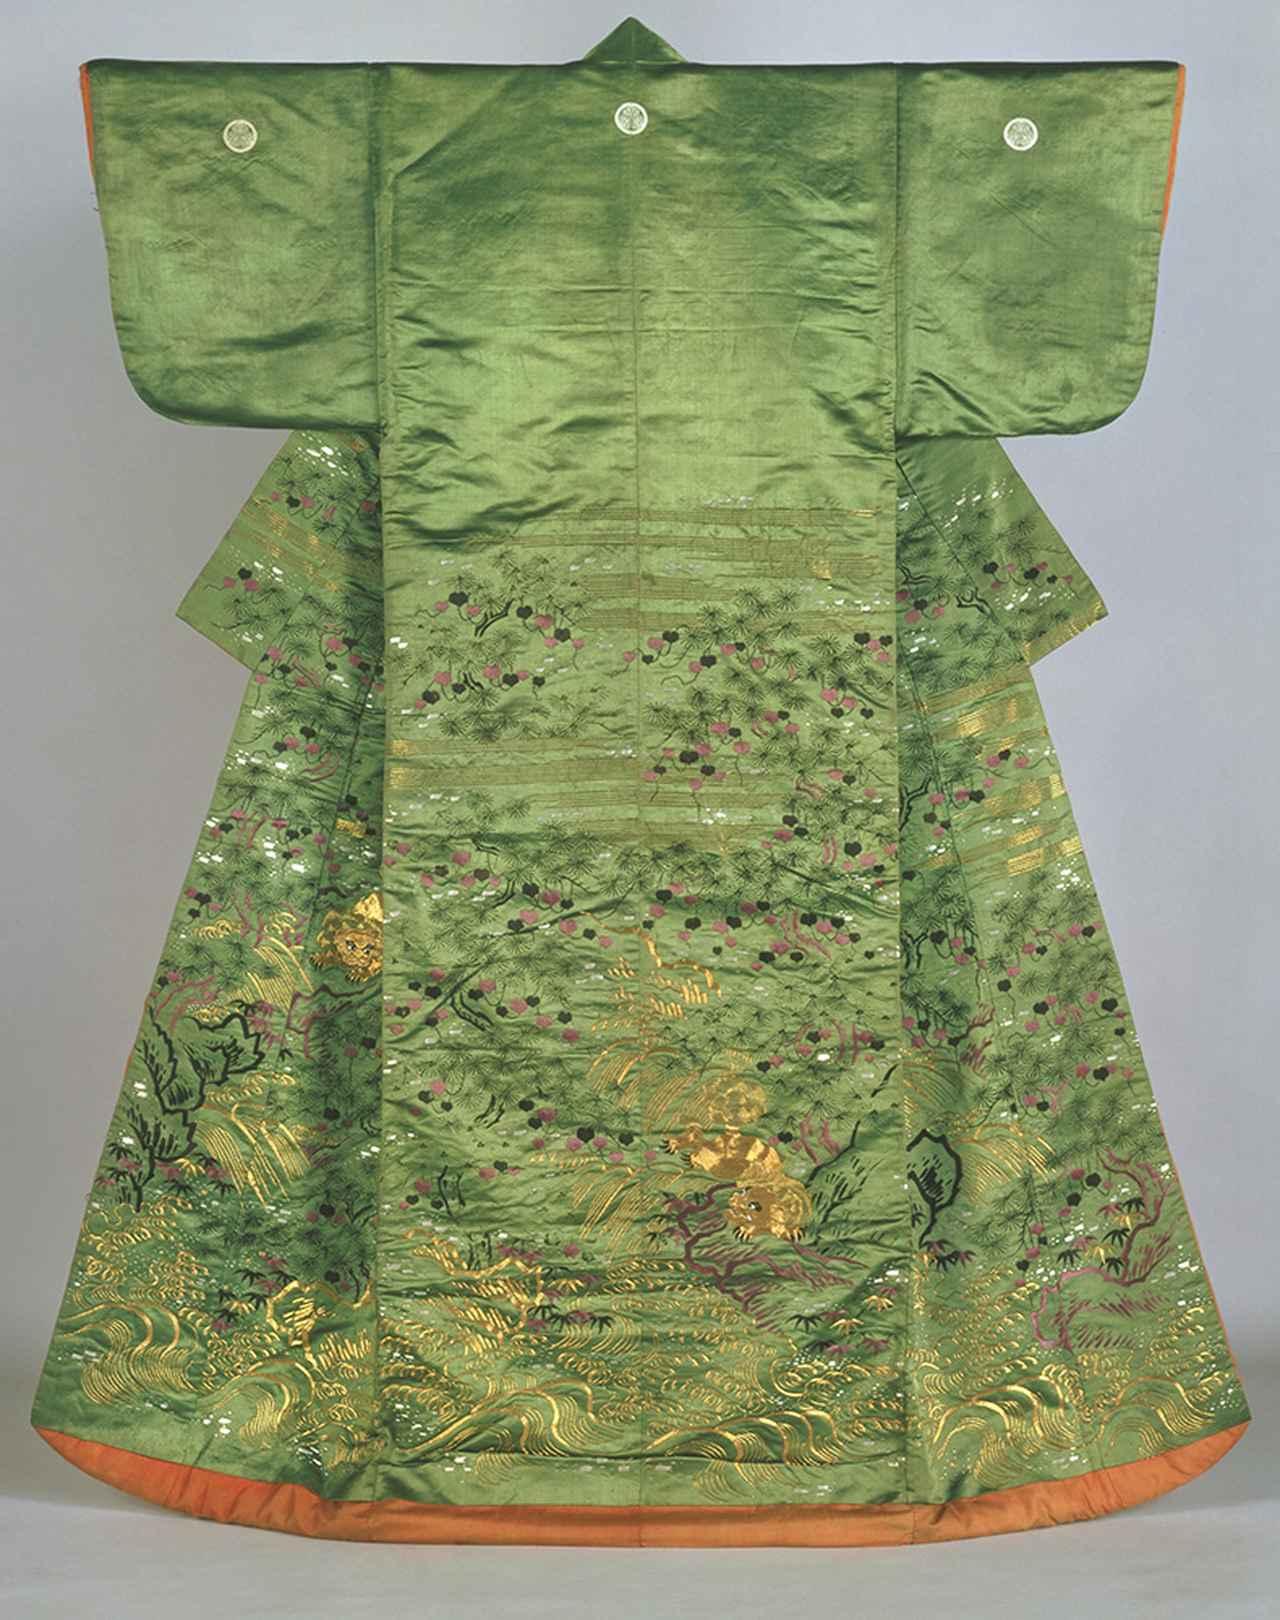 画像: 松蔦獅子流水模様小袖 江戸時代後期 国立歴史民俗博物館蔵